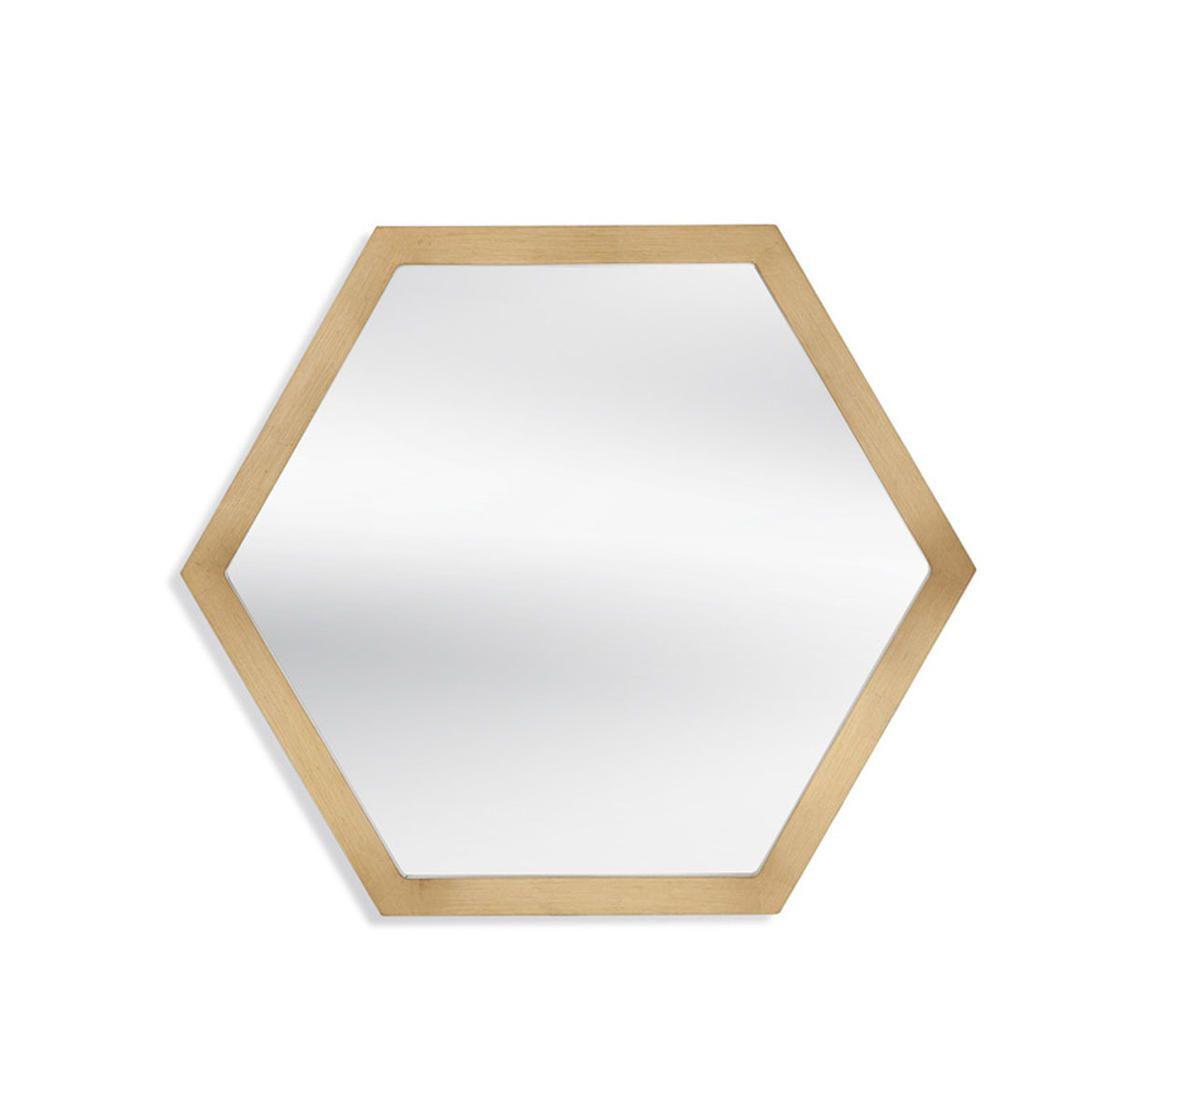 Gold Hexagon Mirror Badcock Home Furniture More